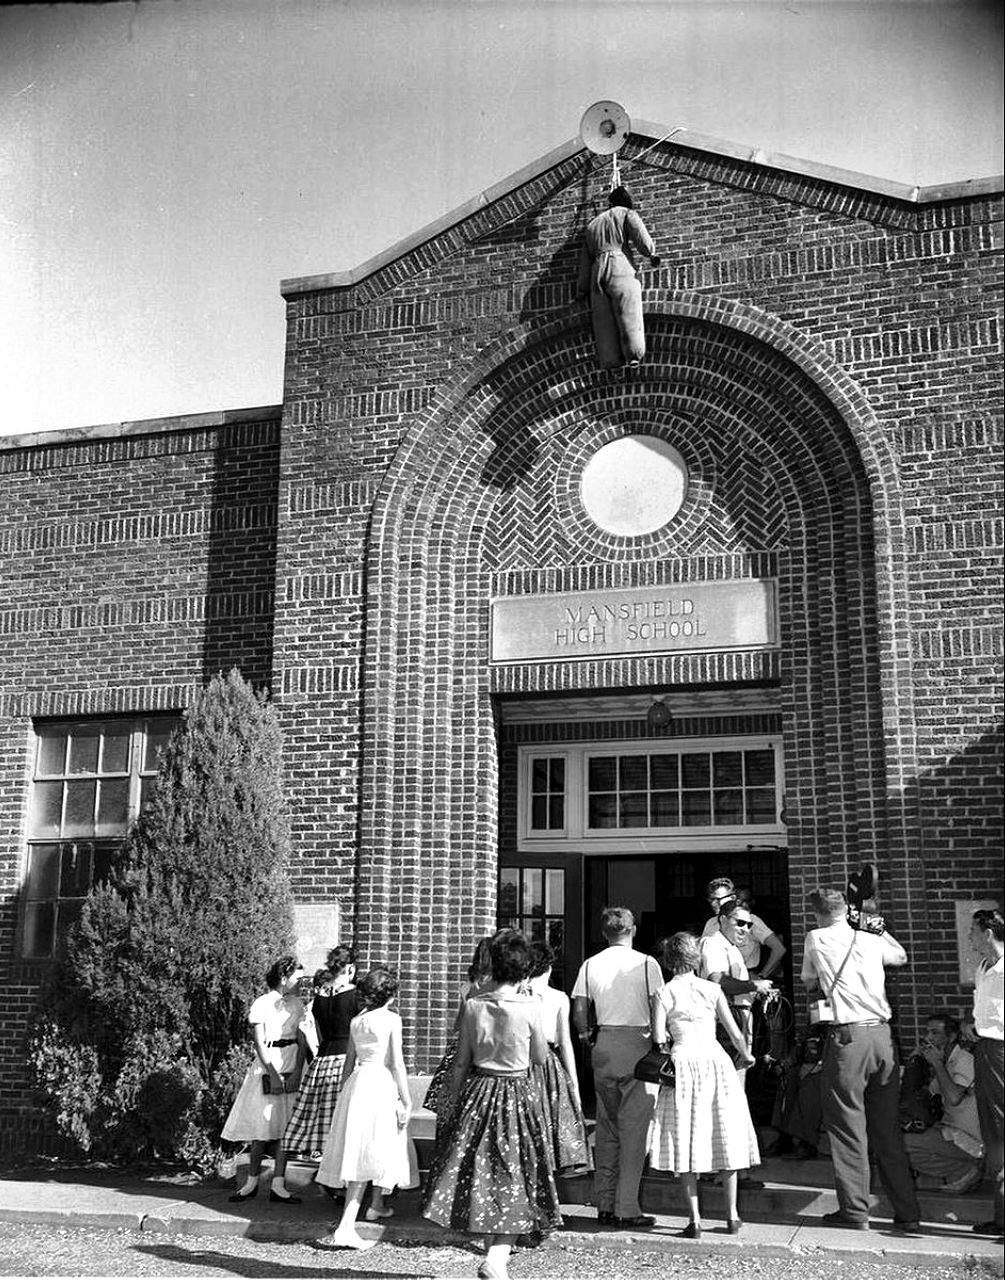 Чучело негра перед входом в школу, как протест против интеграции чернокожего населения, Техас, 1956